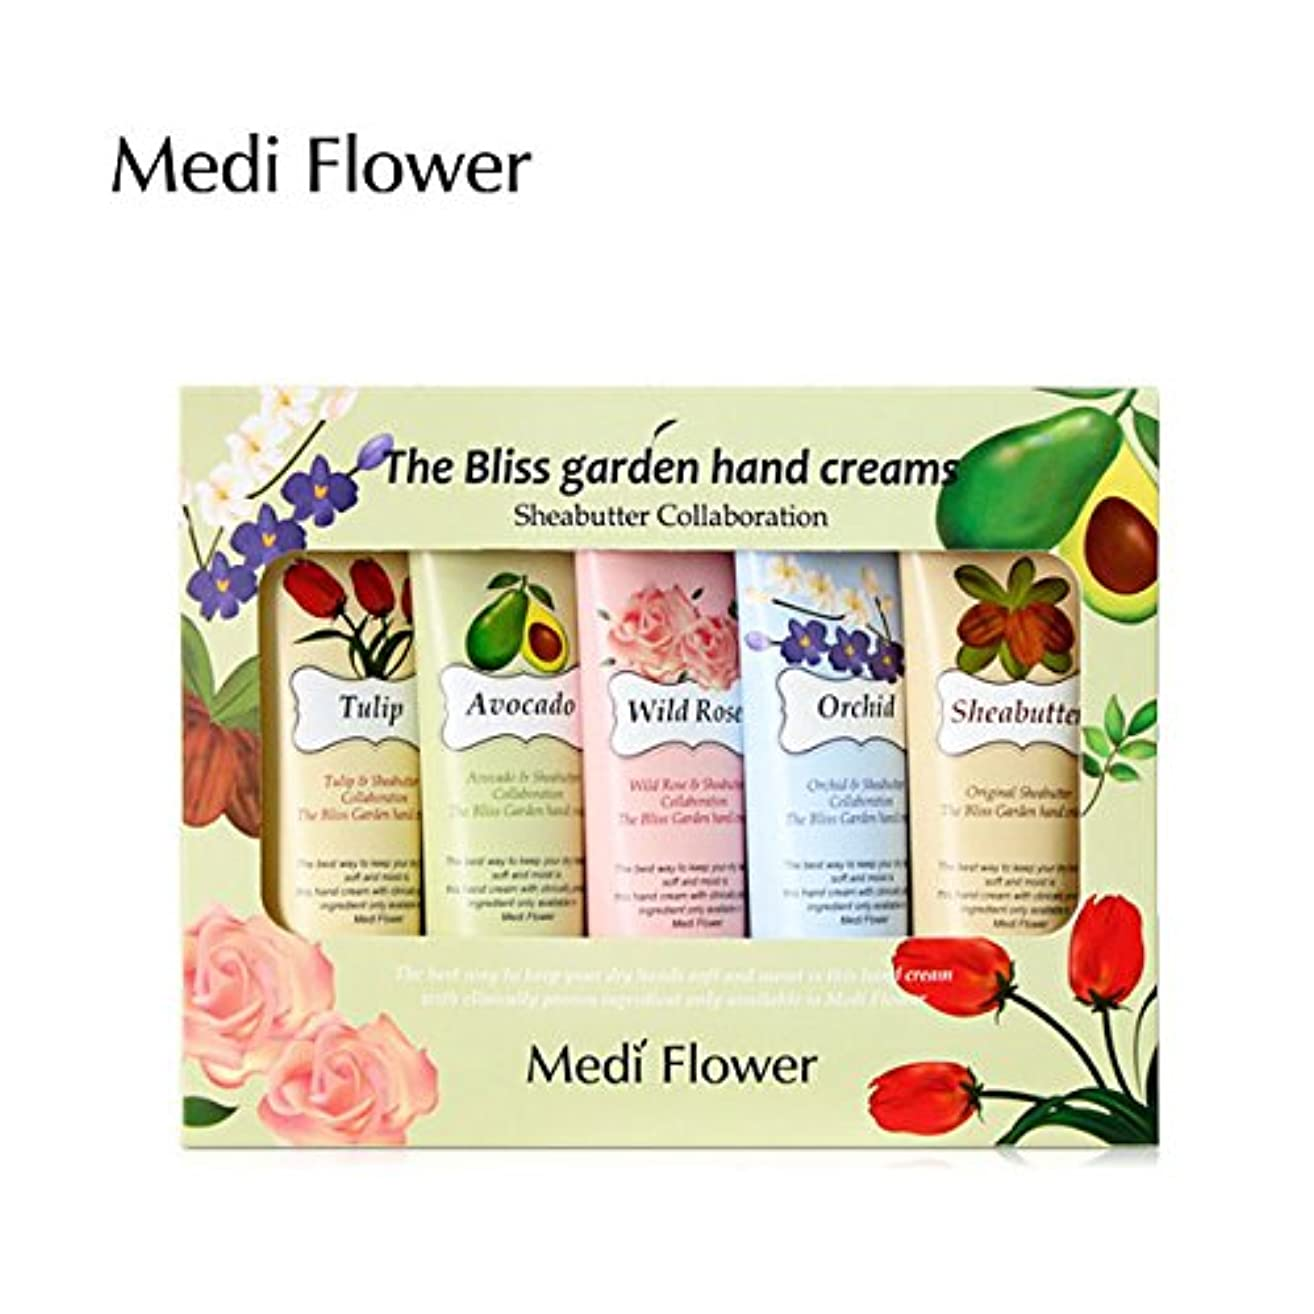 スカーフジャングル放牧する[MediFlower] ザ?ブリスガーデン?ハンドクリーム?シアバターコラボレーション 50g x 5個セット / The Bliss Garden Hand Creams (Sheabutter Collaboration)